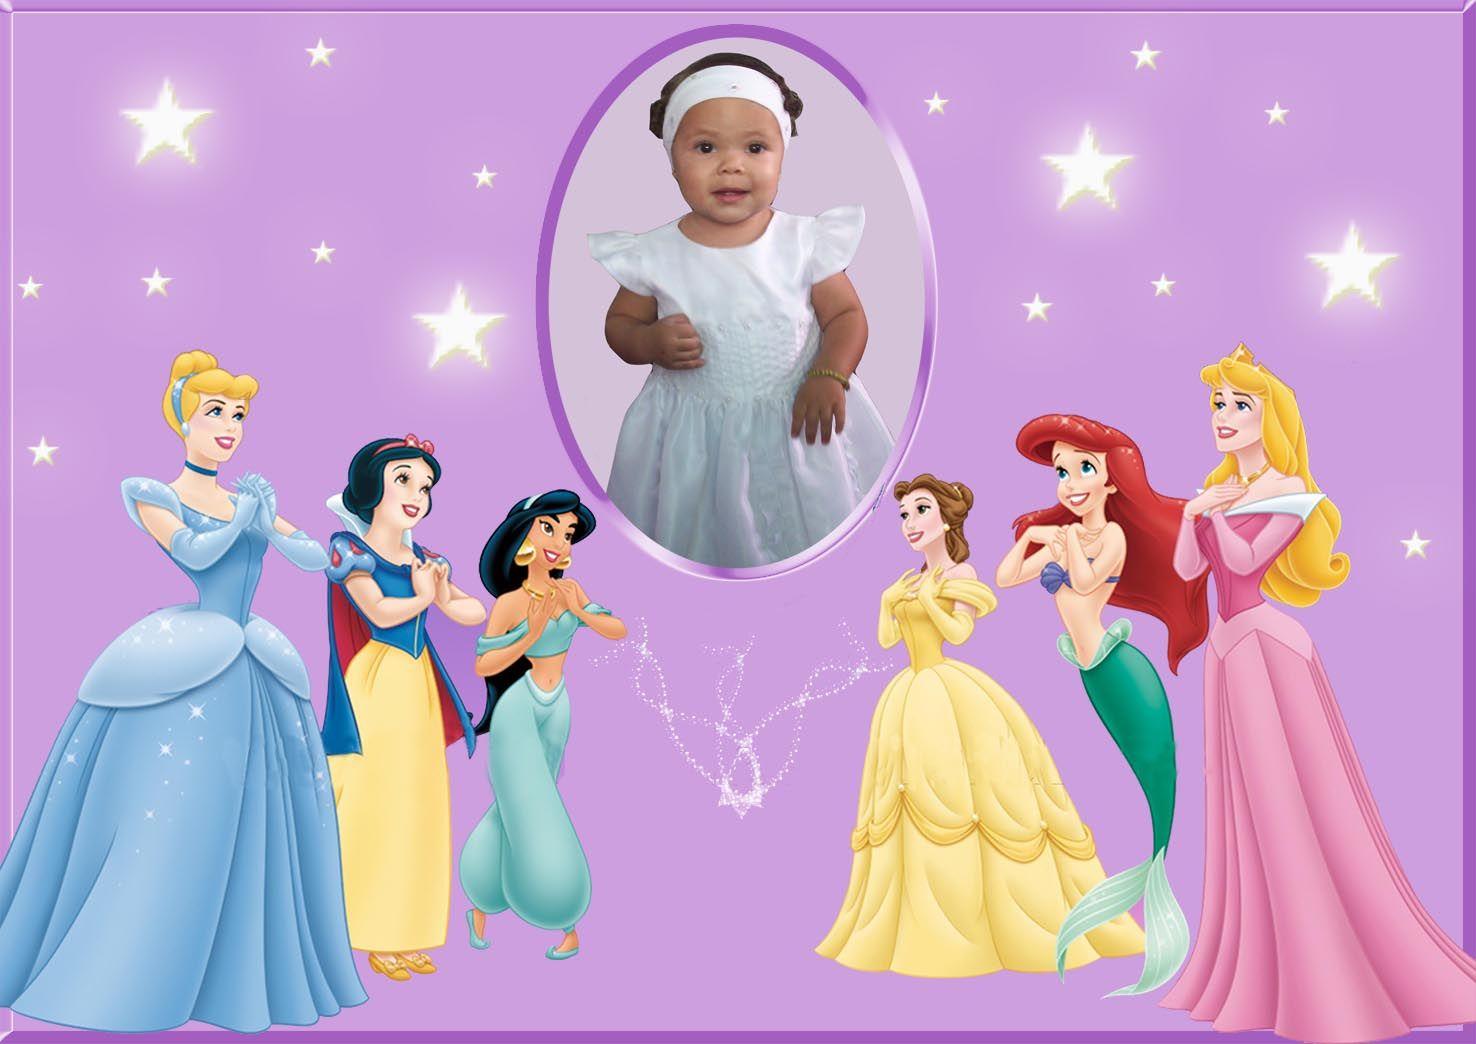 Tarjetas de cumpleaos de princesas para dedicar 10 en hd gratis tarjetas de cumpleaos de princesas para dedicar 10 en hd gratis altavistaventures Choice Image